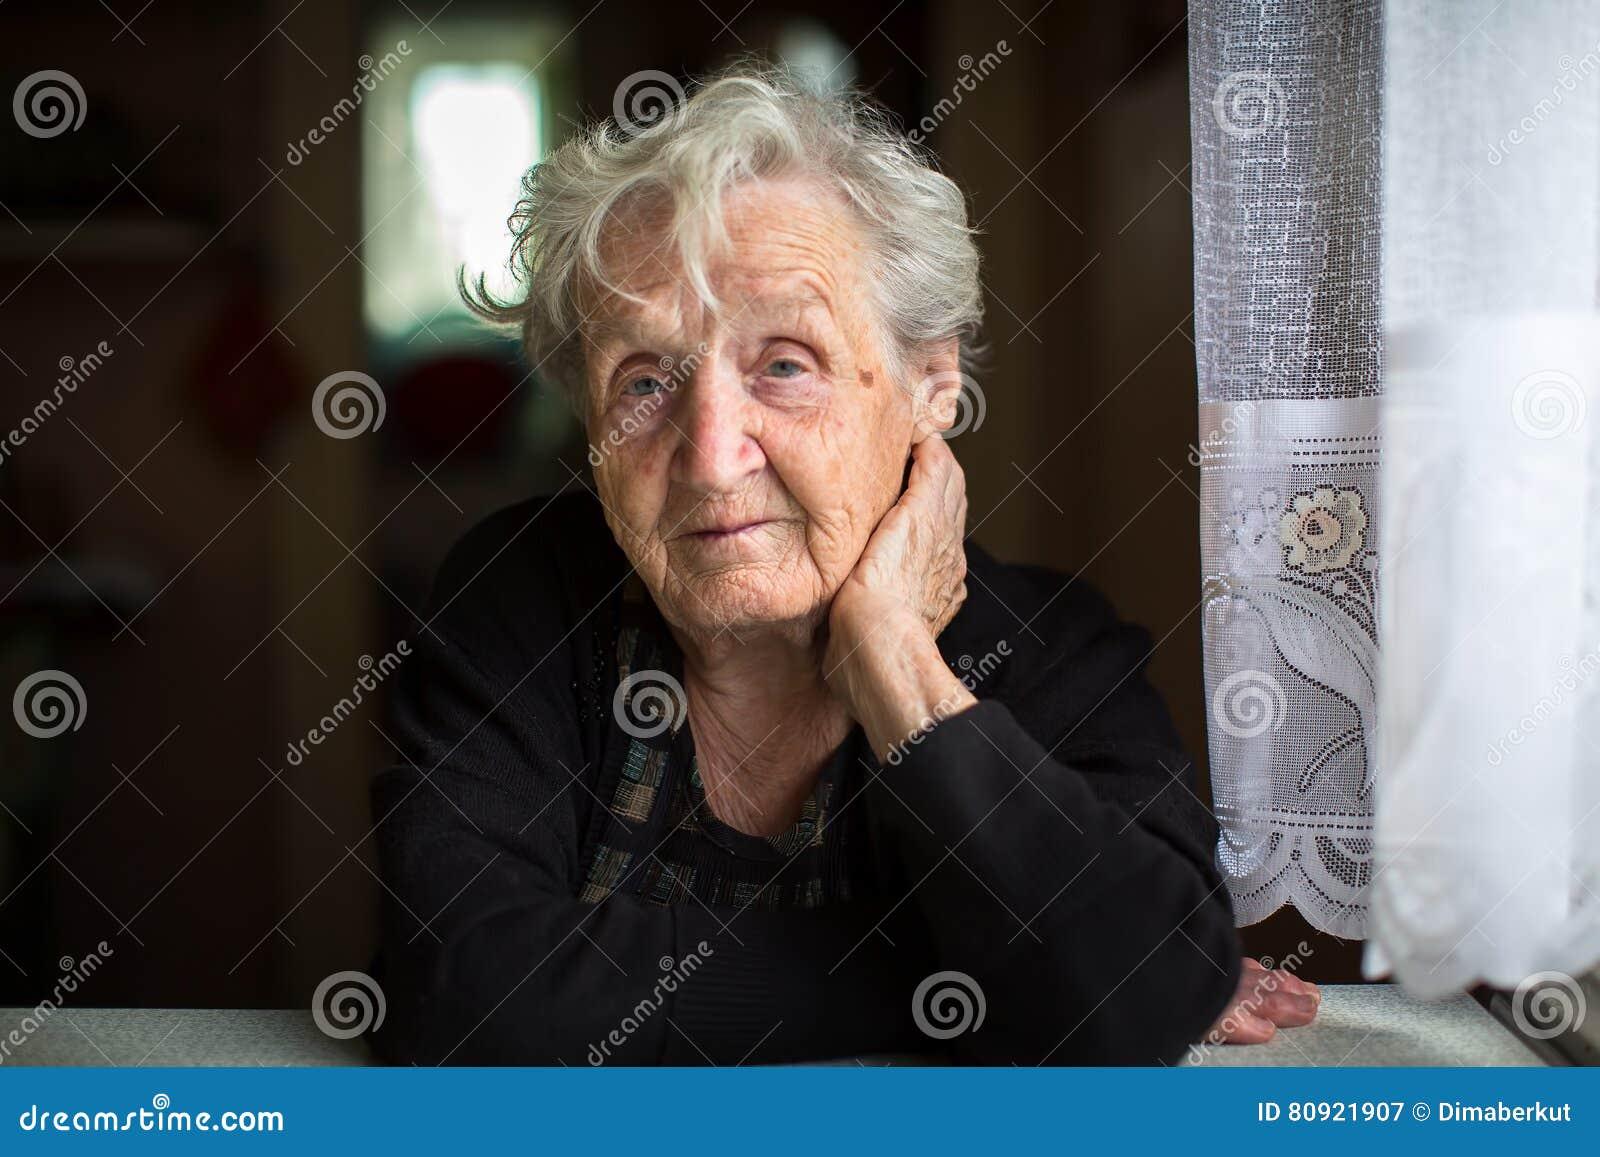 Portret van een bejaarde